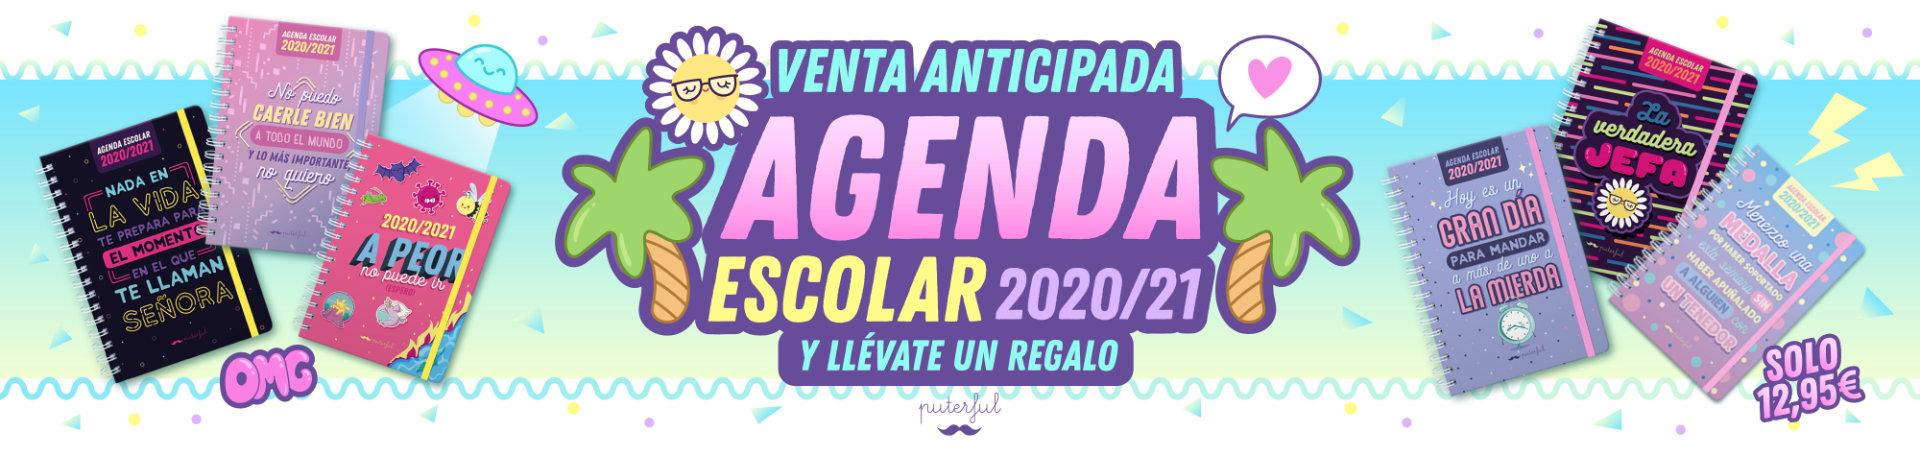 Preventa Agenda Escolar Puterful 20/21